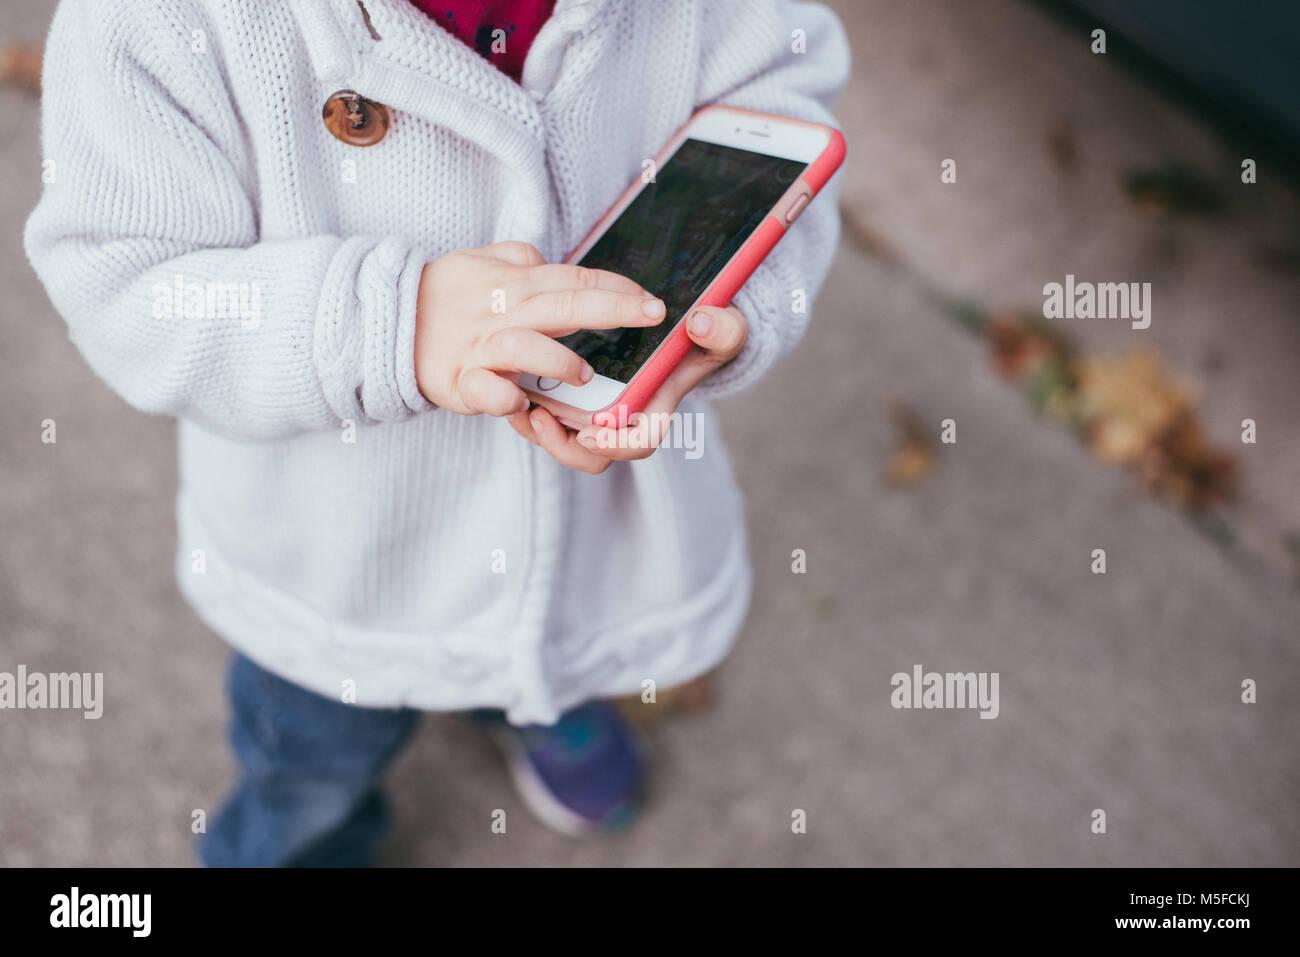 Ein Kleinkind Mädchen spielt auf einem Smartphone. Stockbild